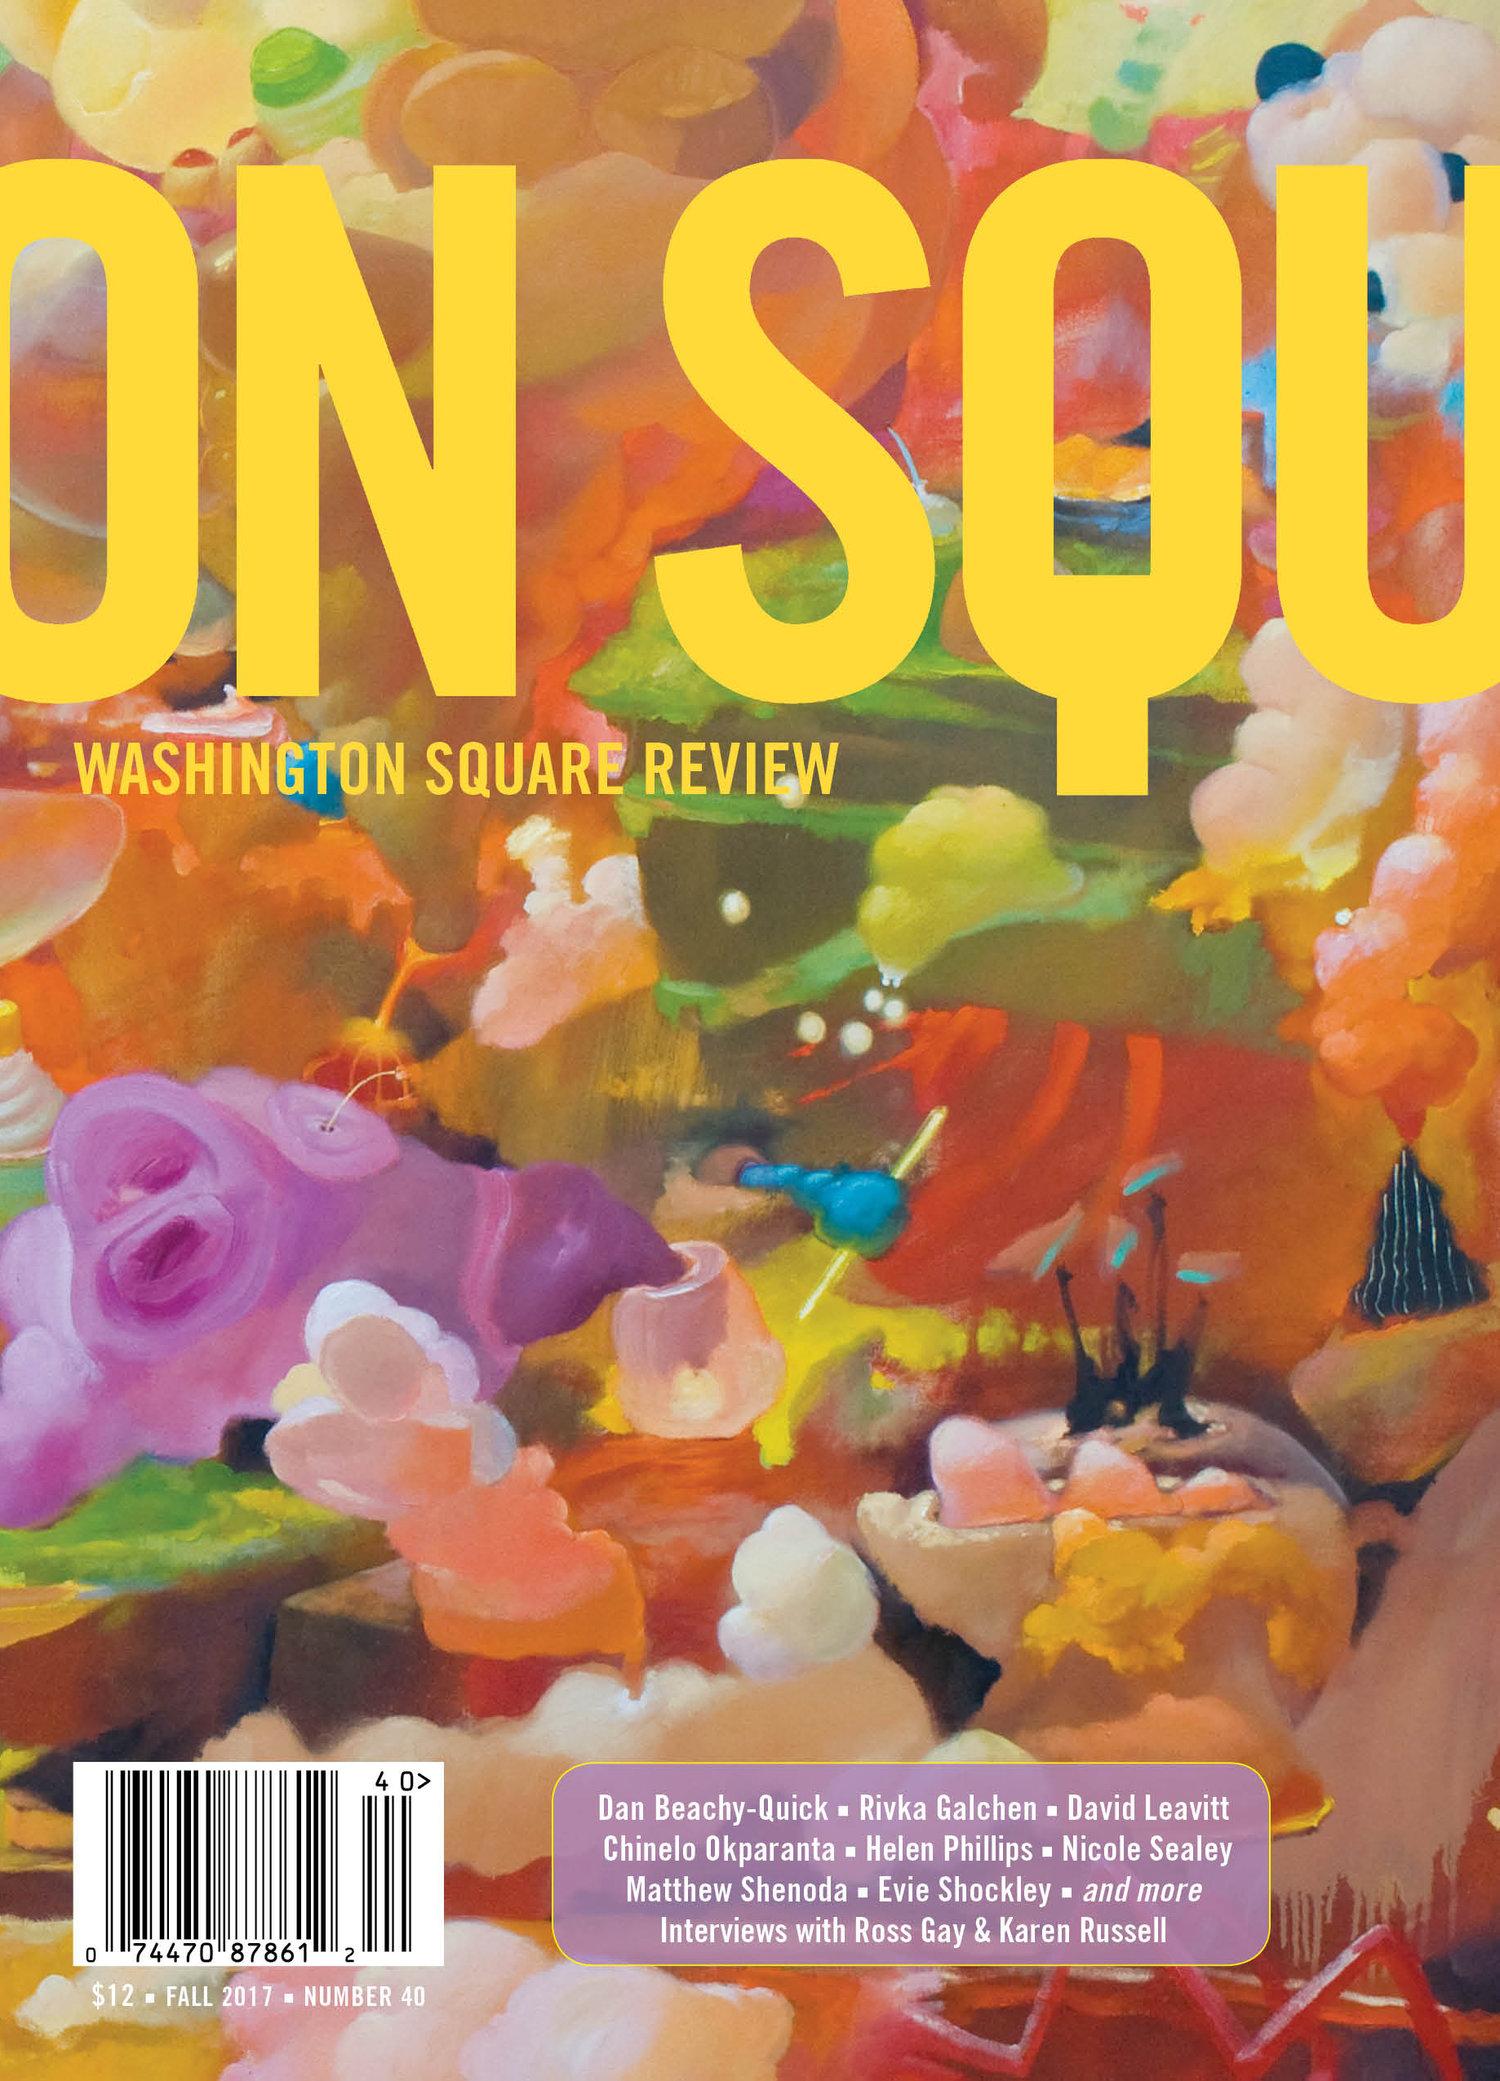 WashingtonSquare-40-Front.jpg